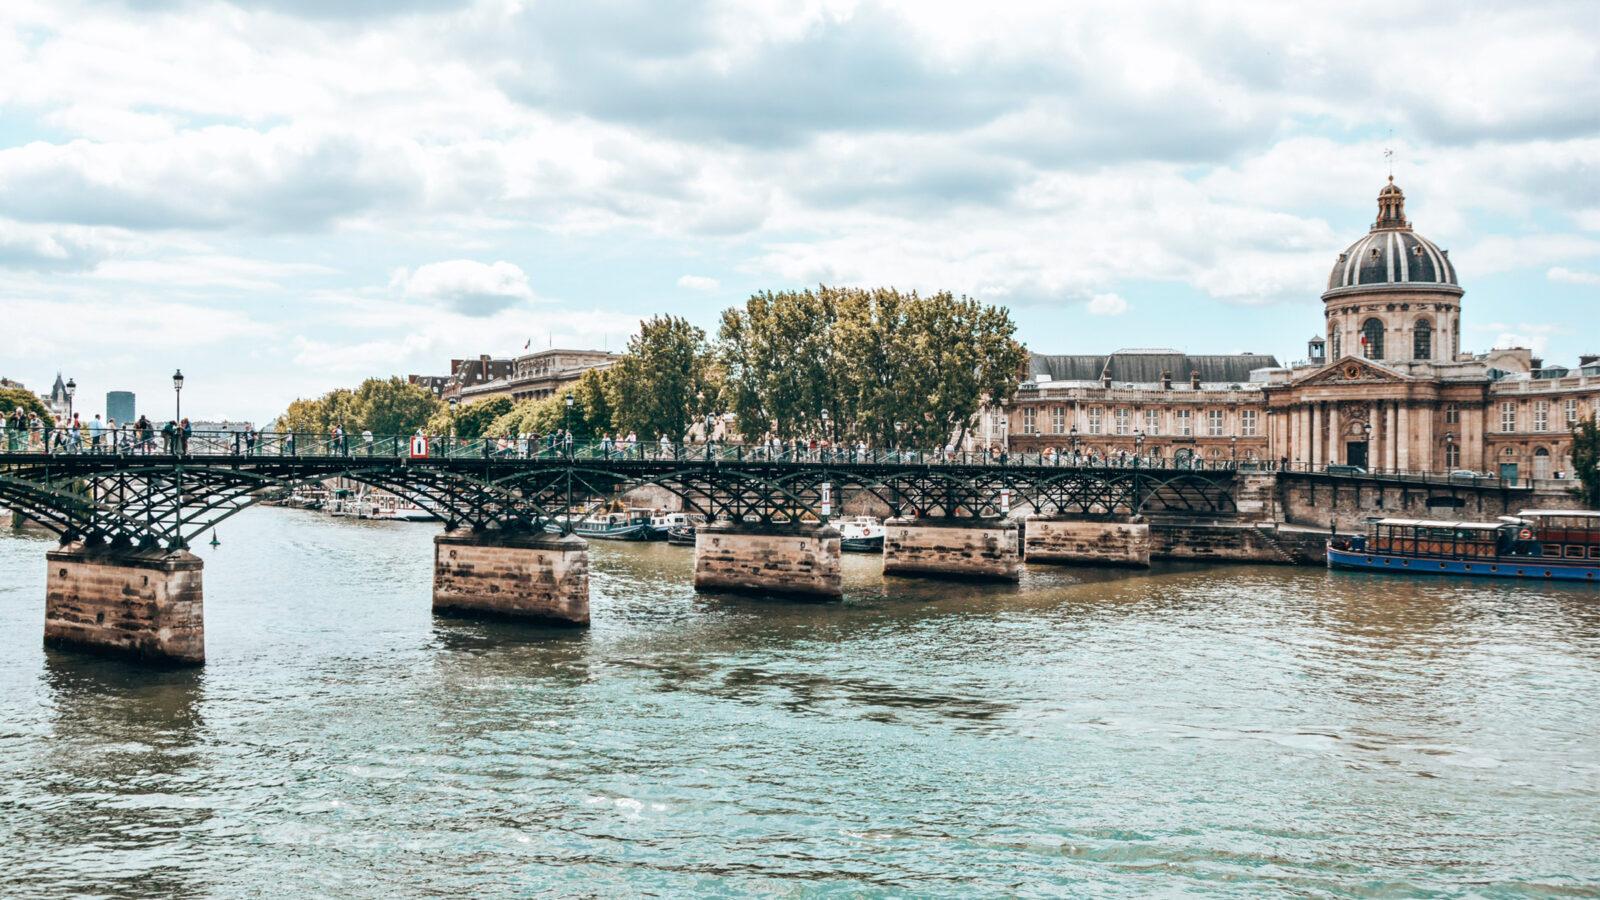 This image shows la Seine in Paris